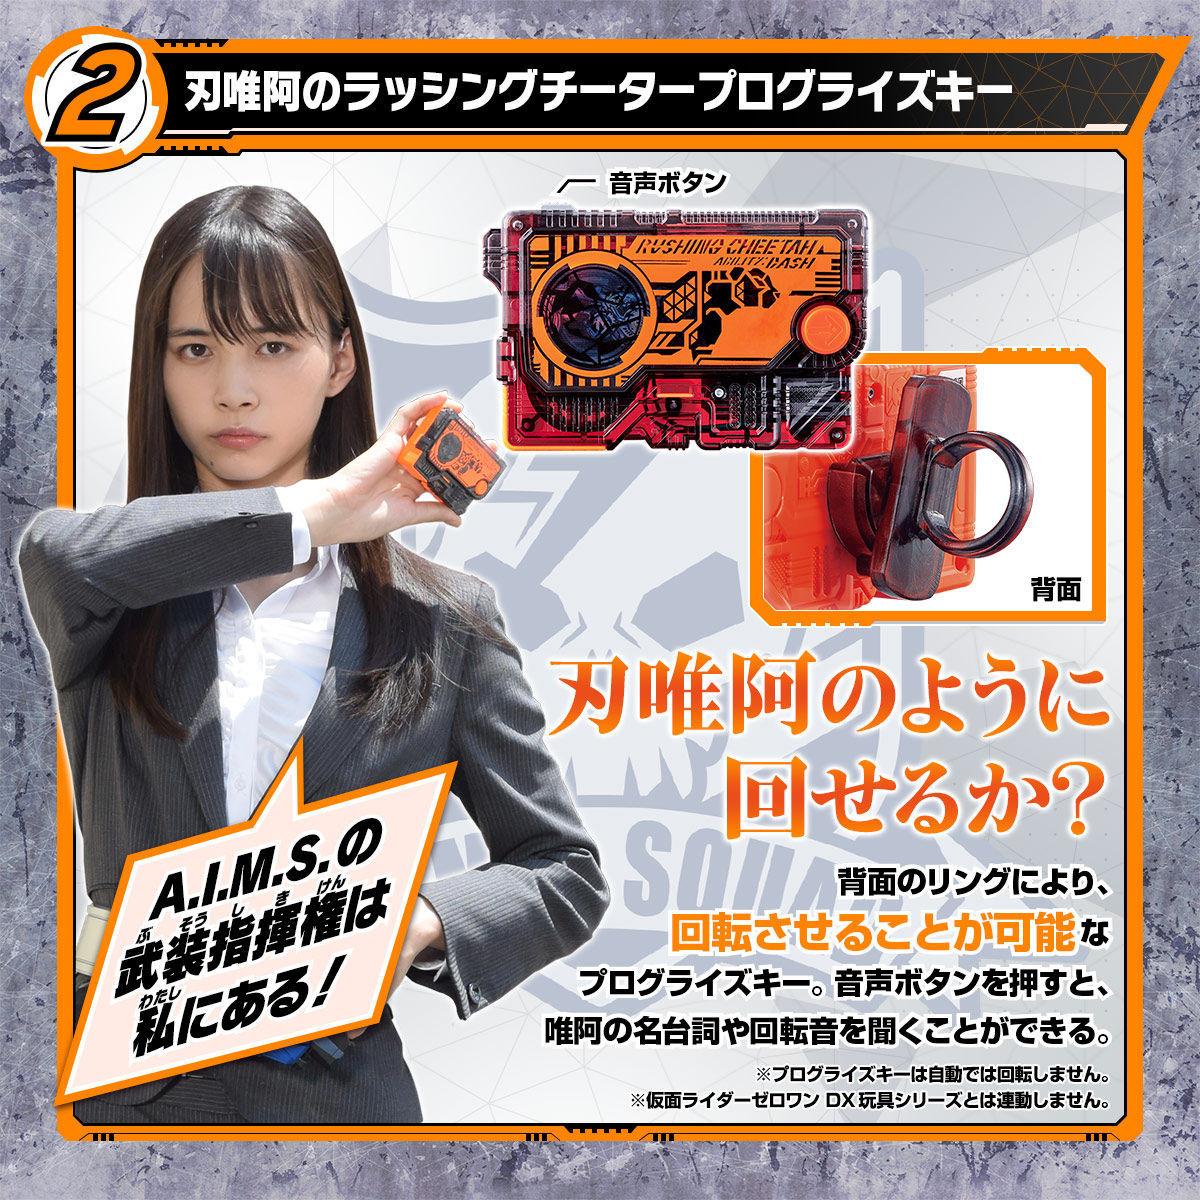 【限定販売】仮面ライダーゼロワン『DXエイムズなりきりセット』変身なりきり-005